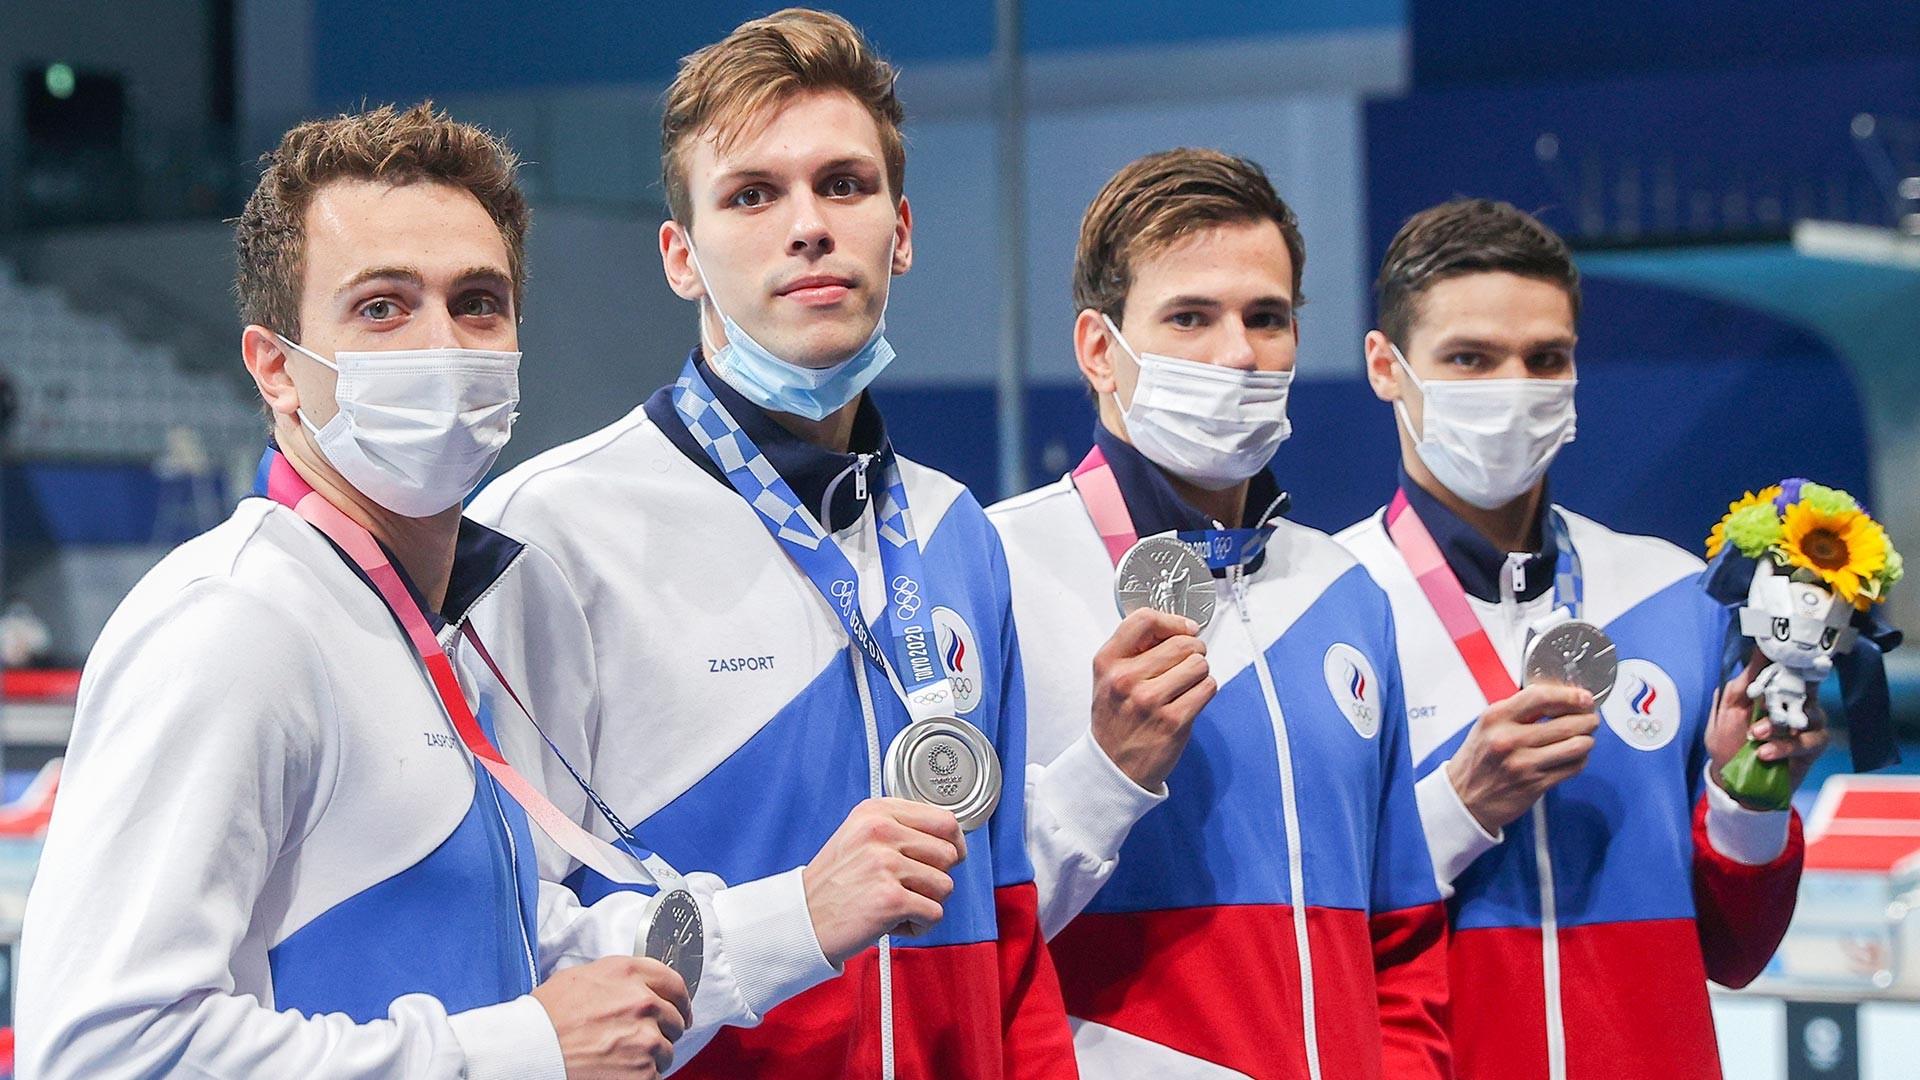 Atlet renang ROC berpose dengan medali perak selama upacara kemenangan renang estafet gaya bebas putra 4 x 200 meter di Tokyo Aquatics Center selama Olimpiade 2020.